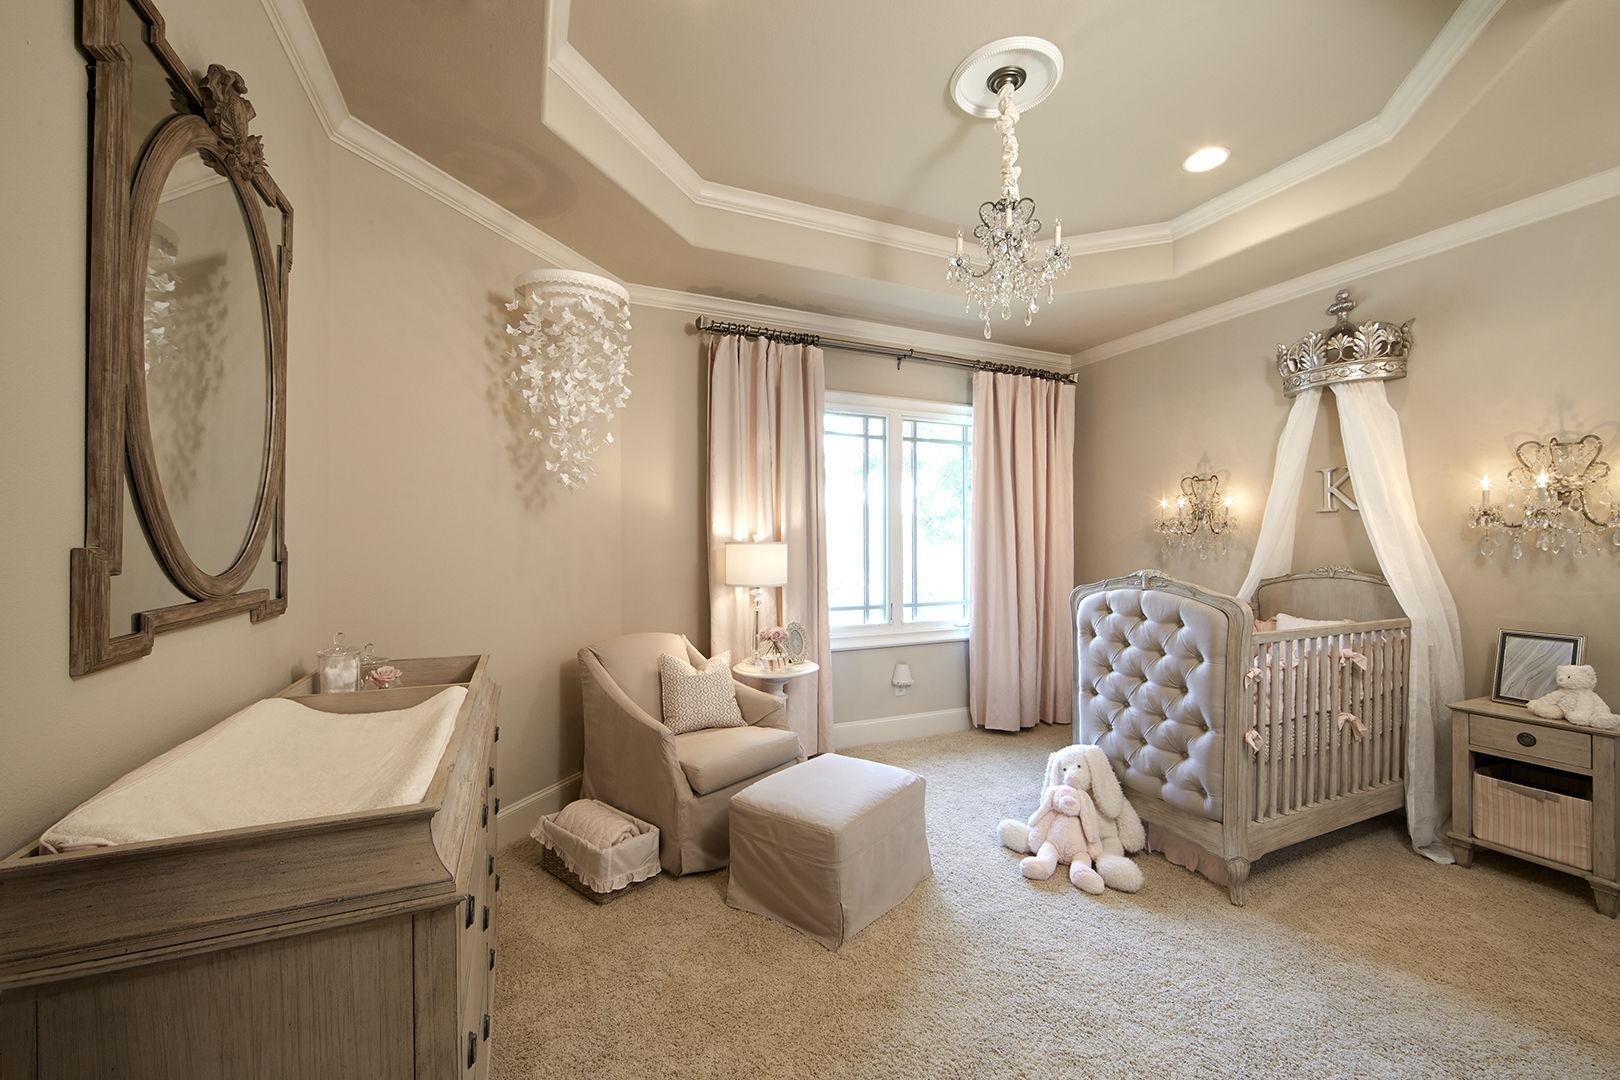 Круглый потолок в стиле прованс